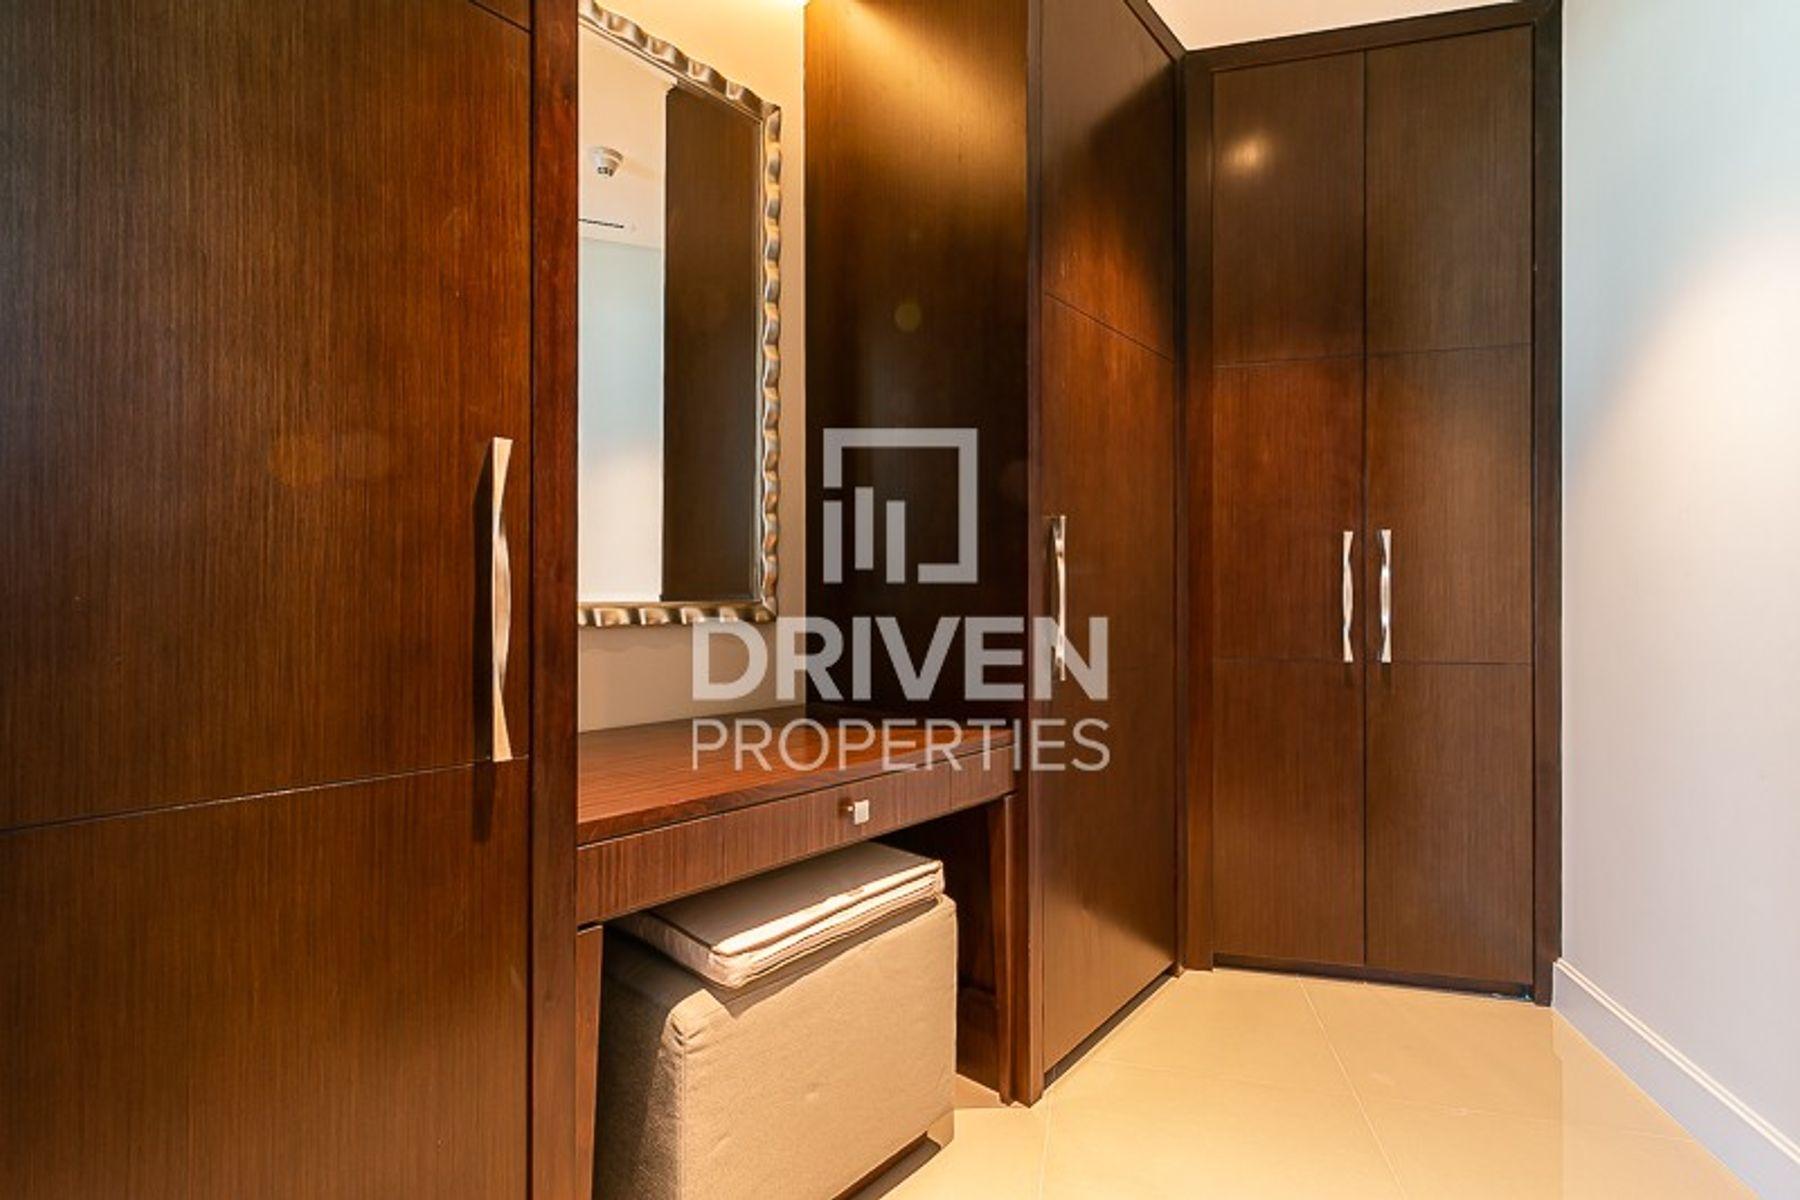 للايجار - شقة - العنوان رزيدنس فاونتن فيوز 1 - دبي وسط المدينة